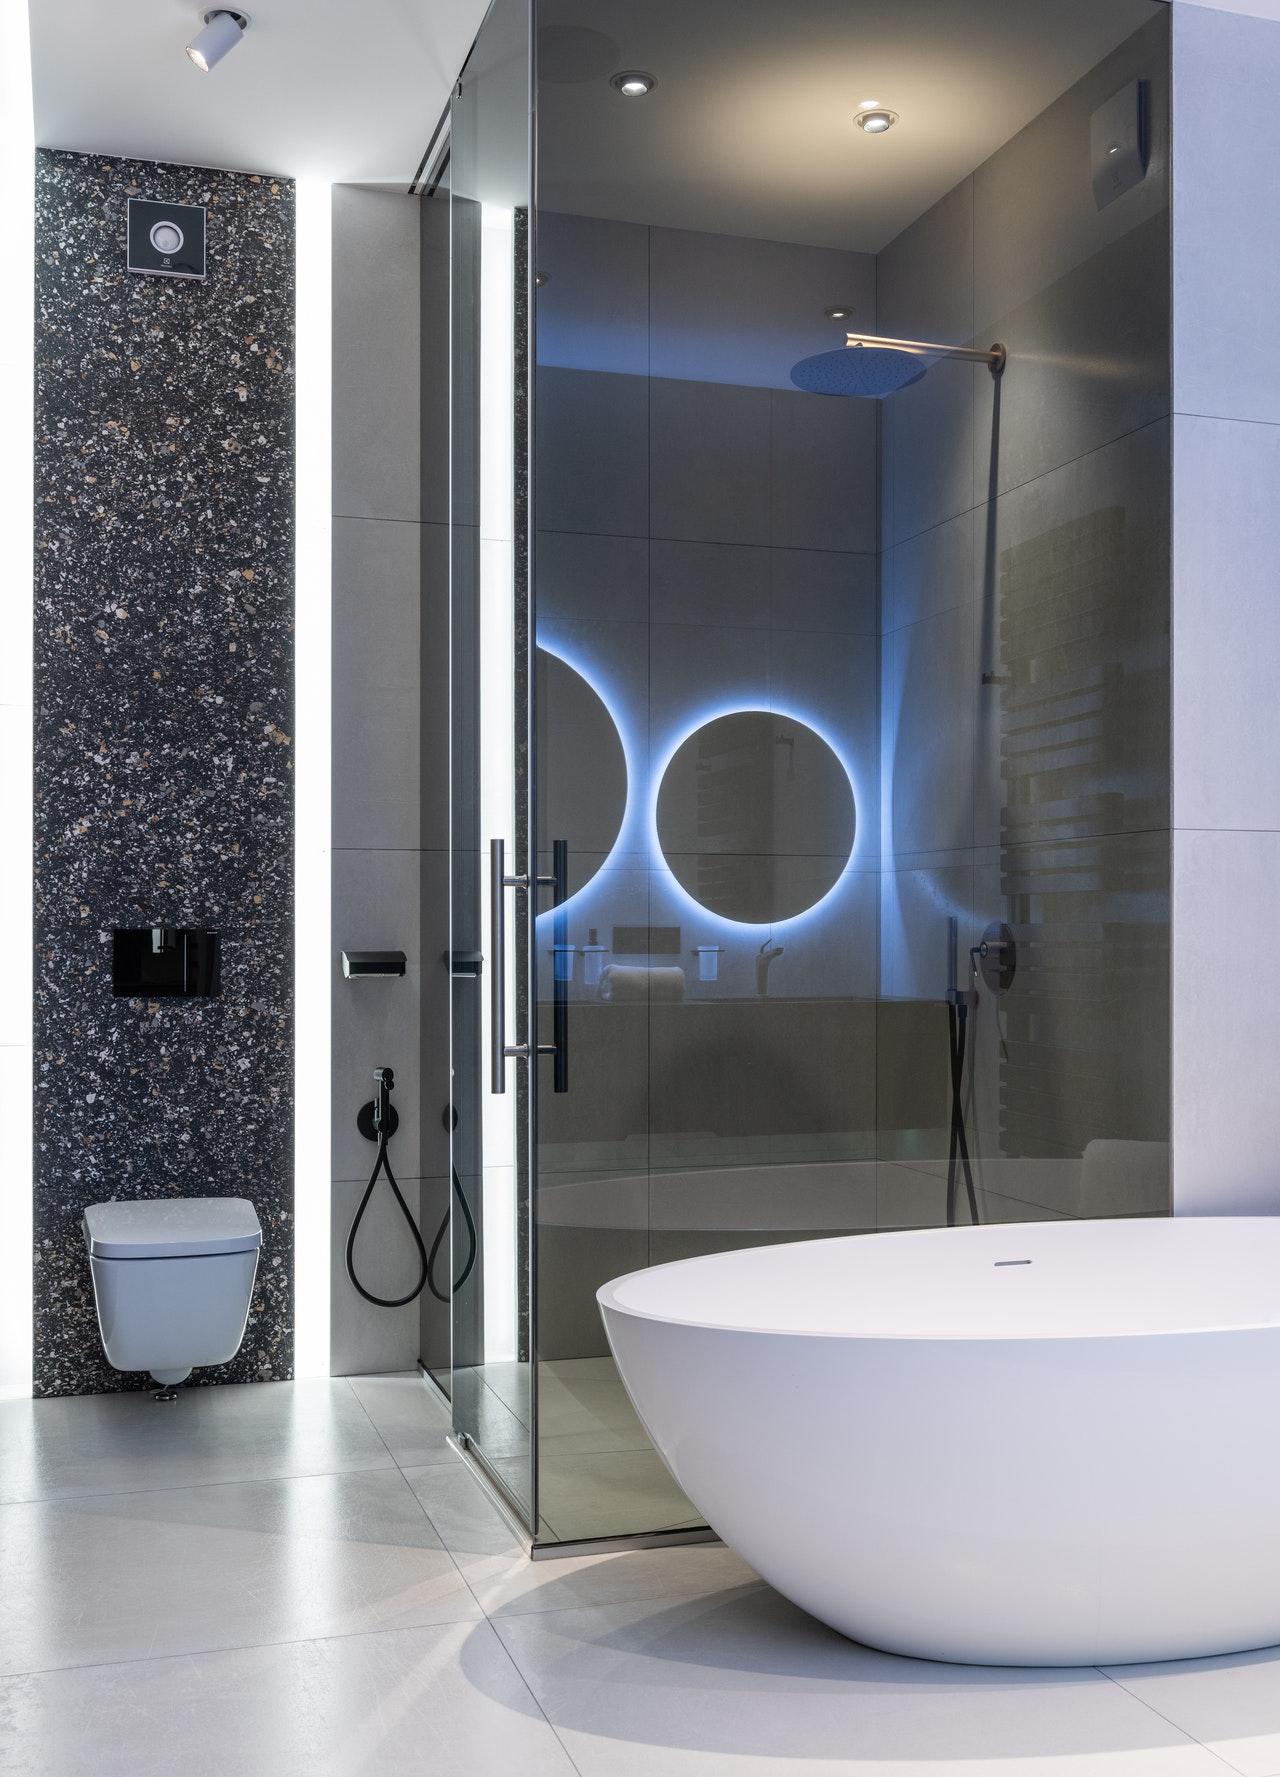 Comment_éviter_le_désordre_et_adorer_votre_douche_sans_rebord